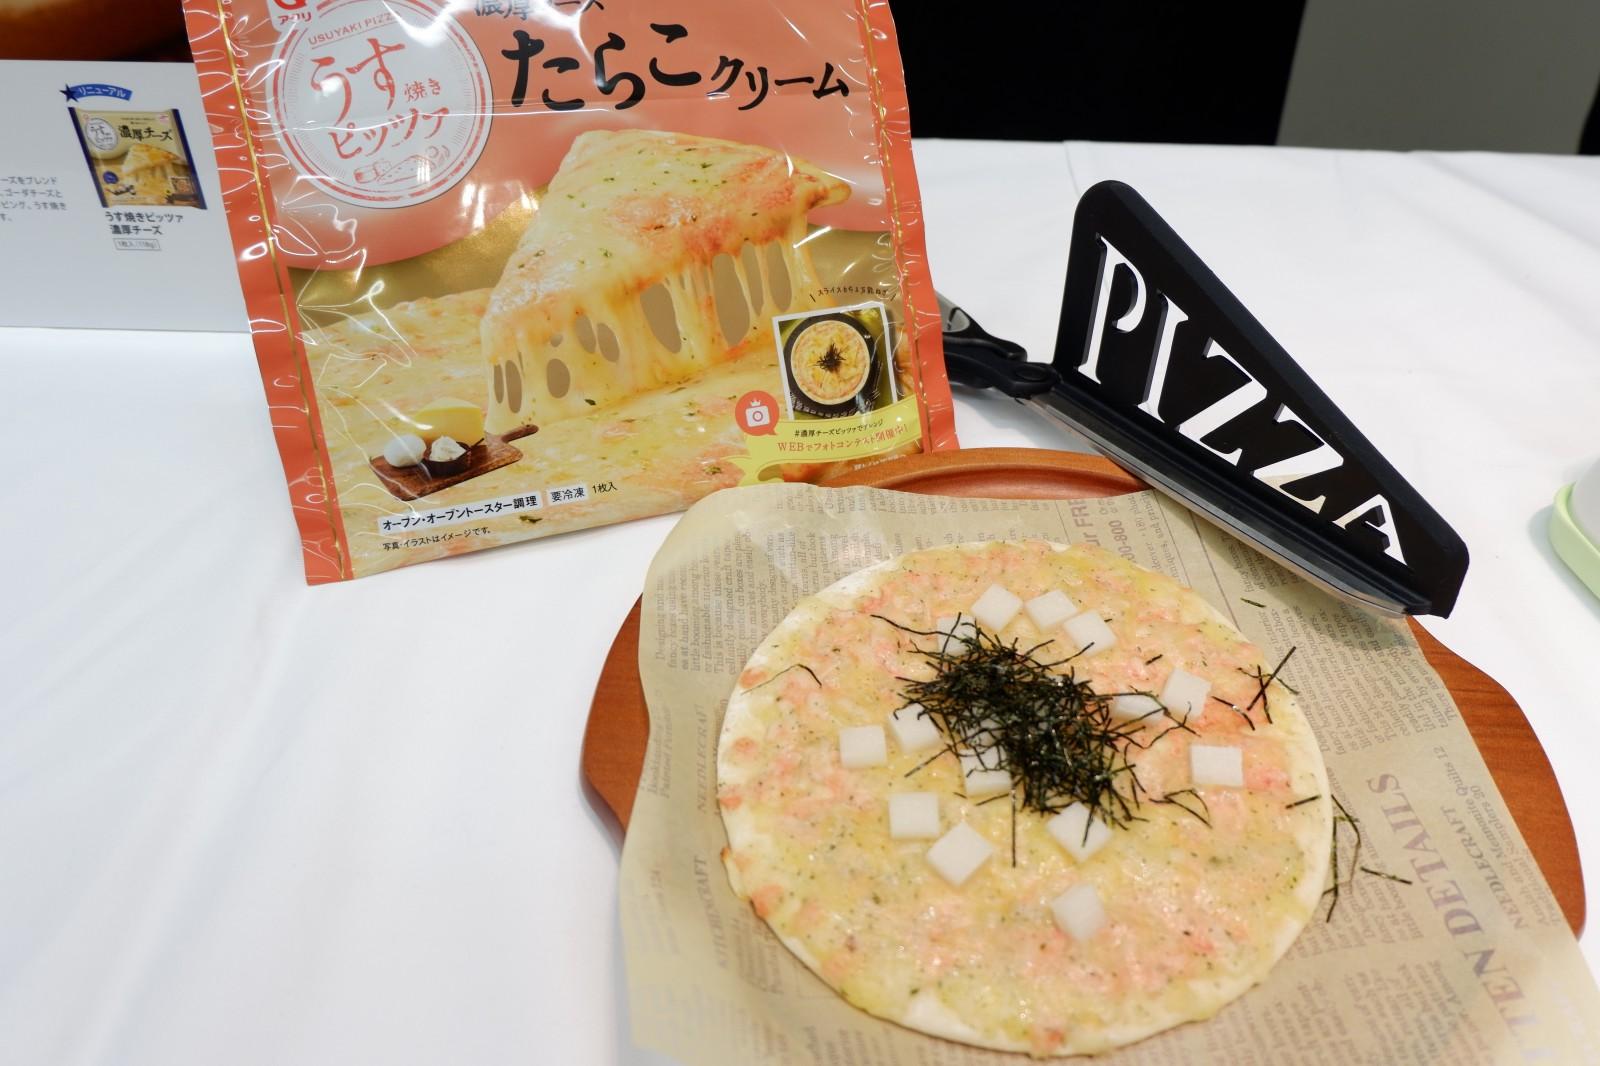 市販のピザに「ちょい足し」する人が多い、という調査結果を踏まえておススメアレンジ付き、たらこクリームピッツァ